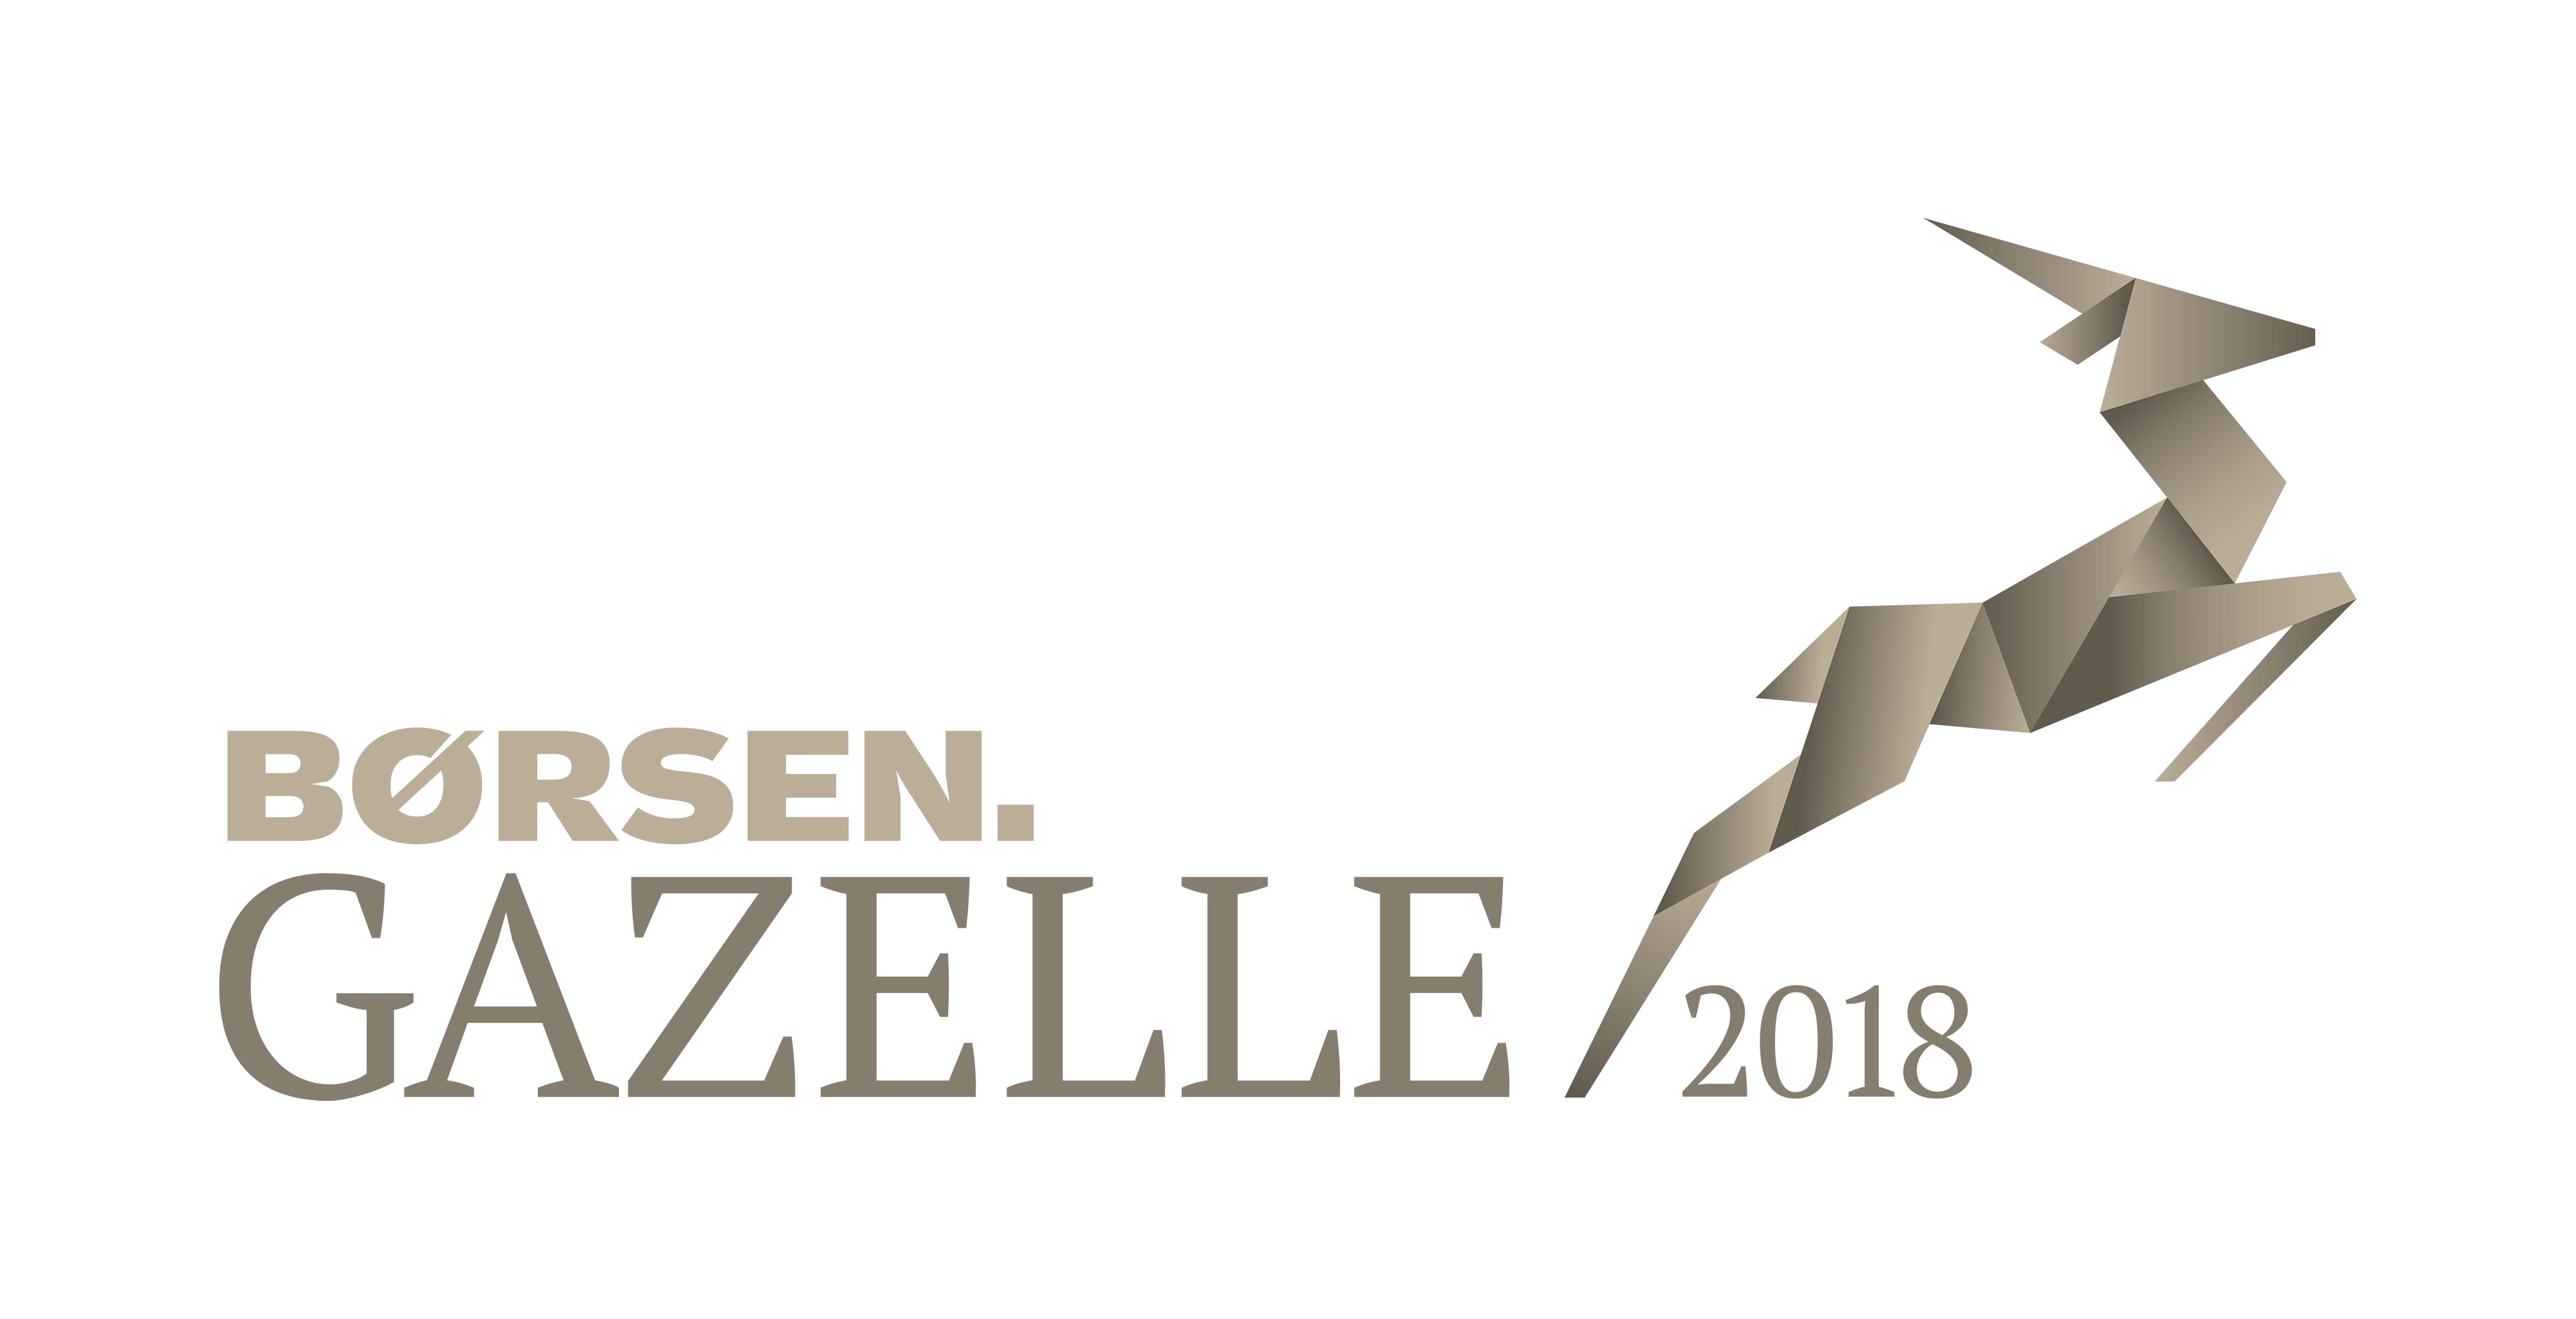 Boersen-Gazelle-2018